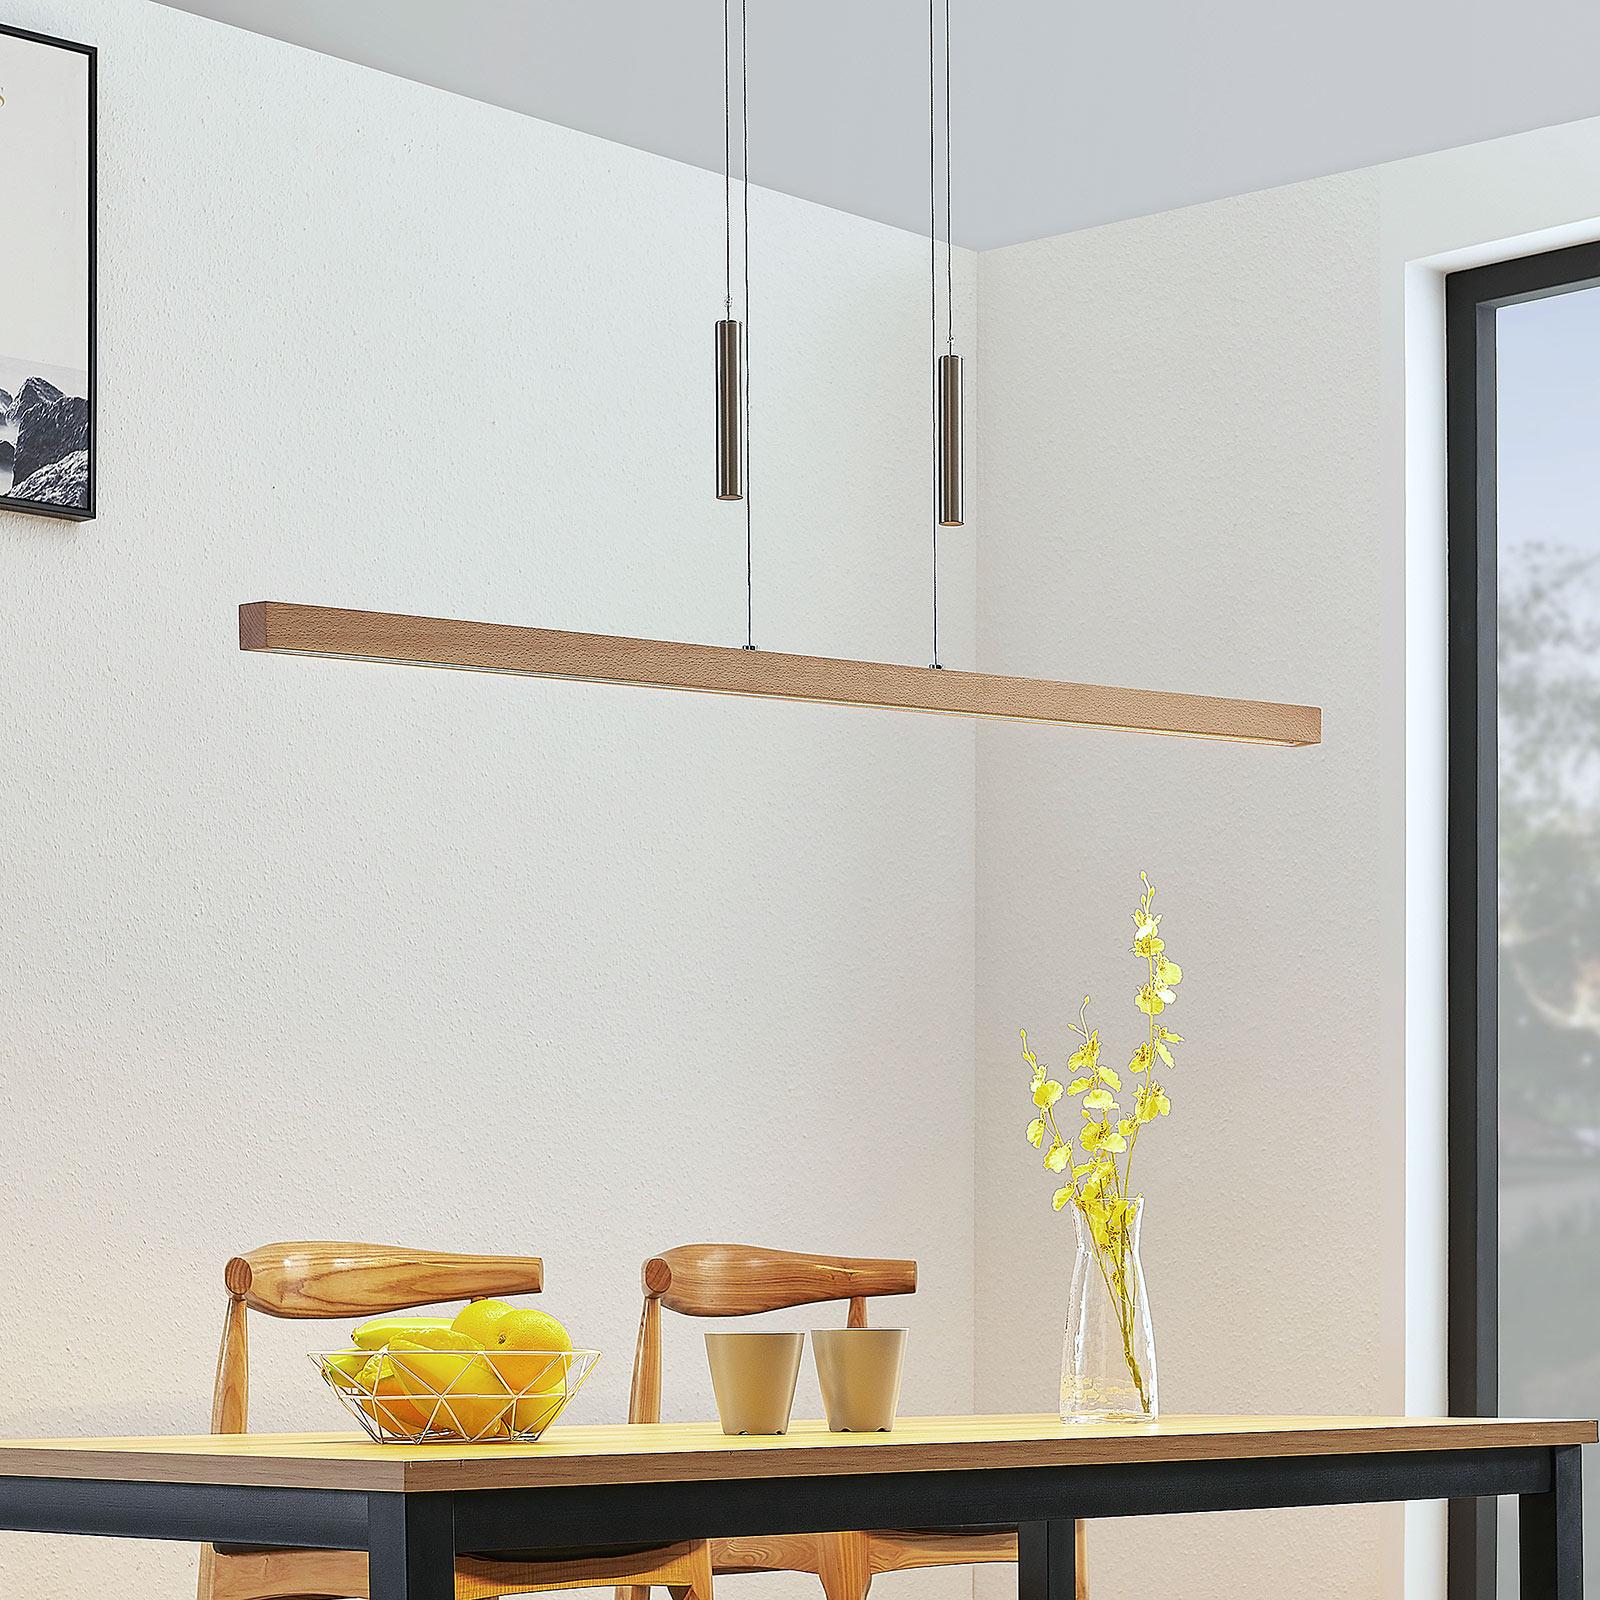 LED-Holz-Balkenpendellampe Tamlin, buchefarben